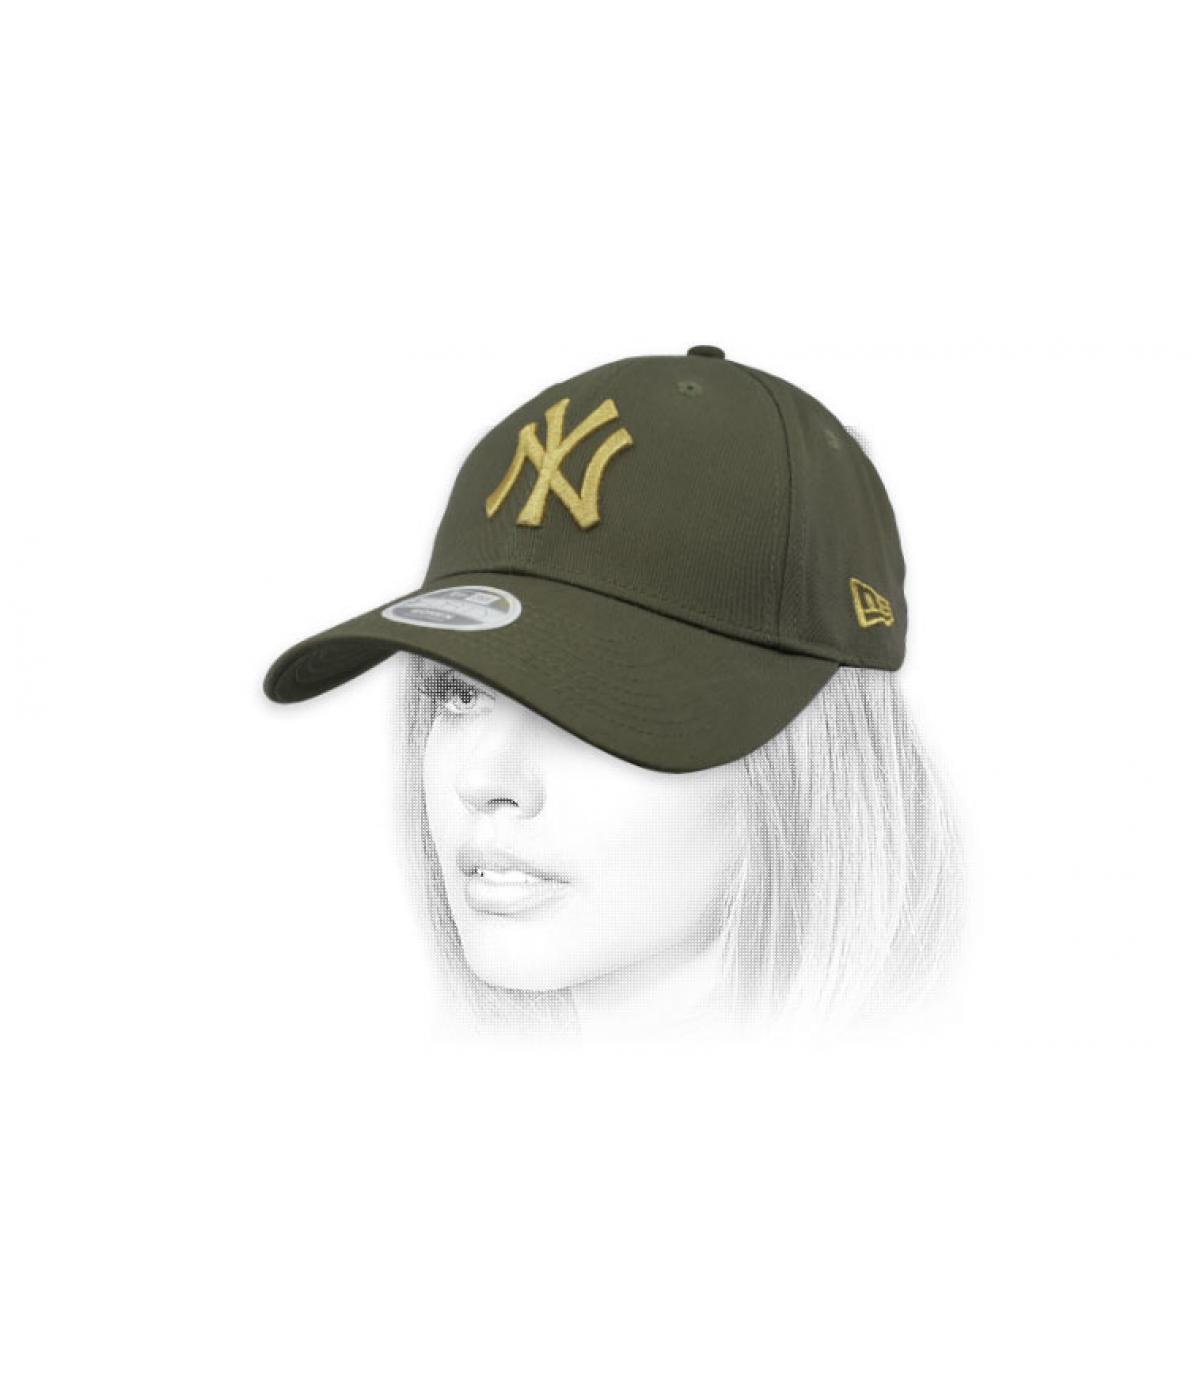 green gold kids NY cap